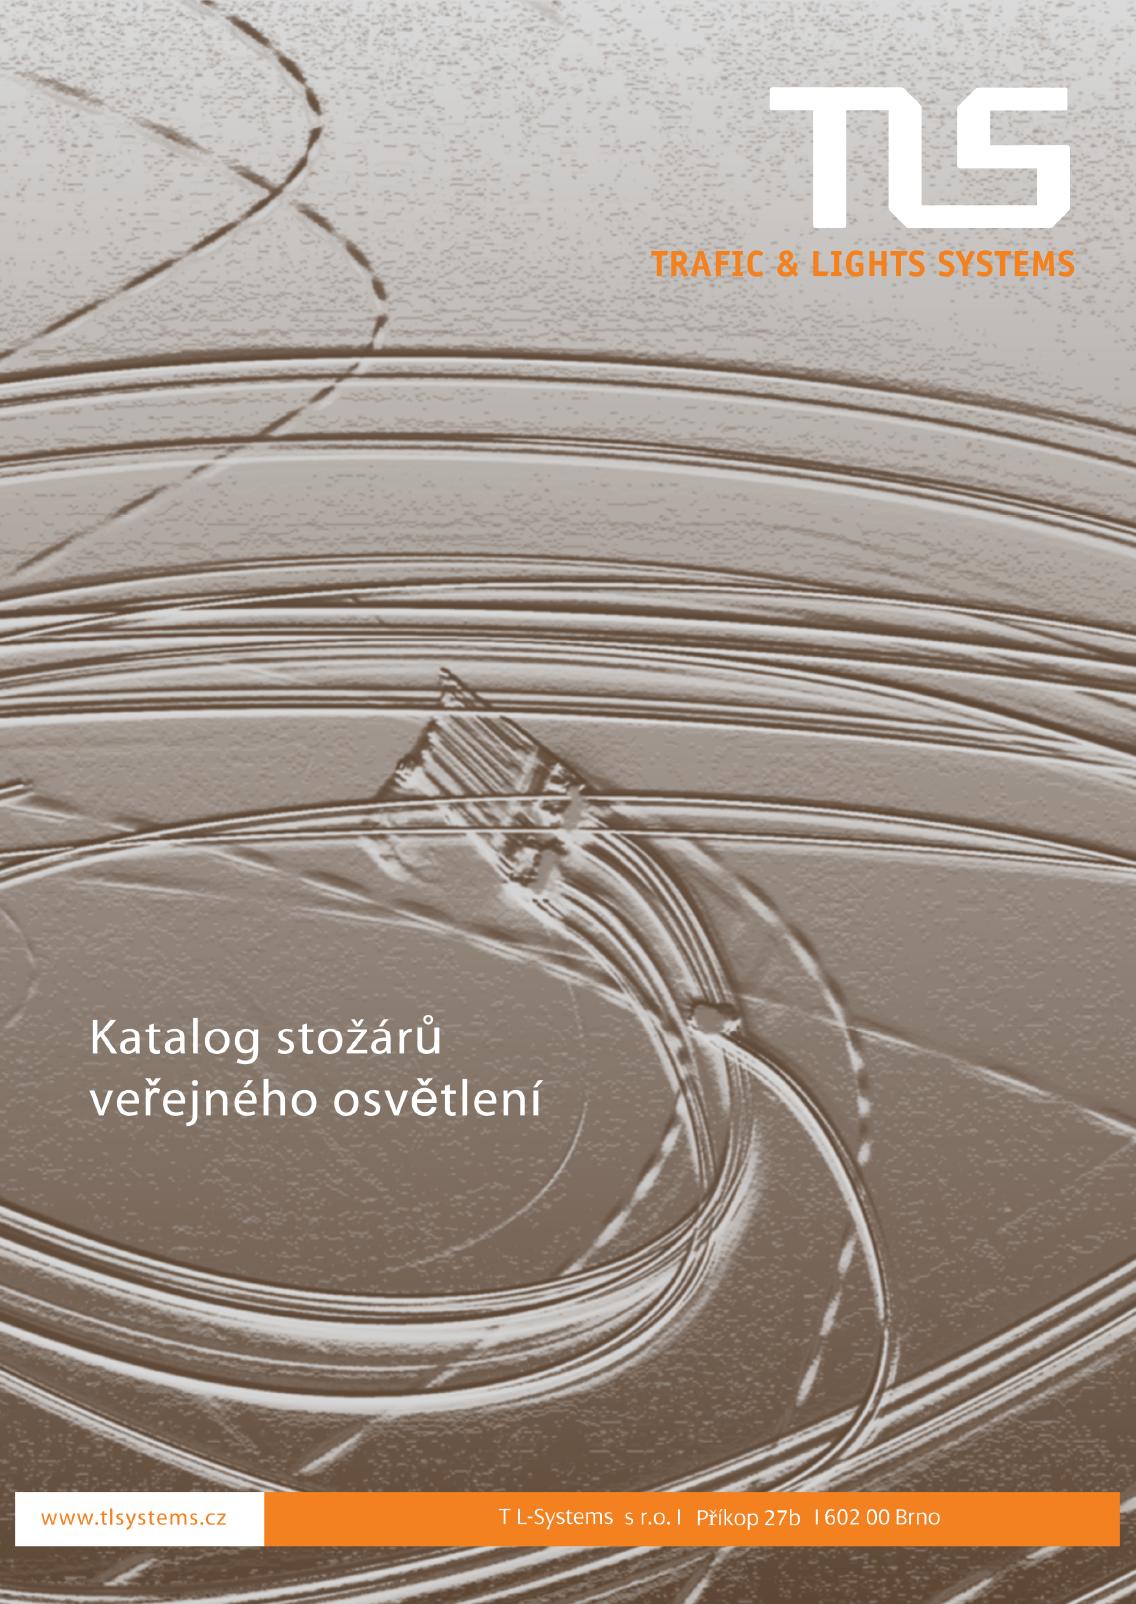 Katalog firmy TL-Systems s.r.o.